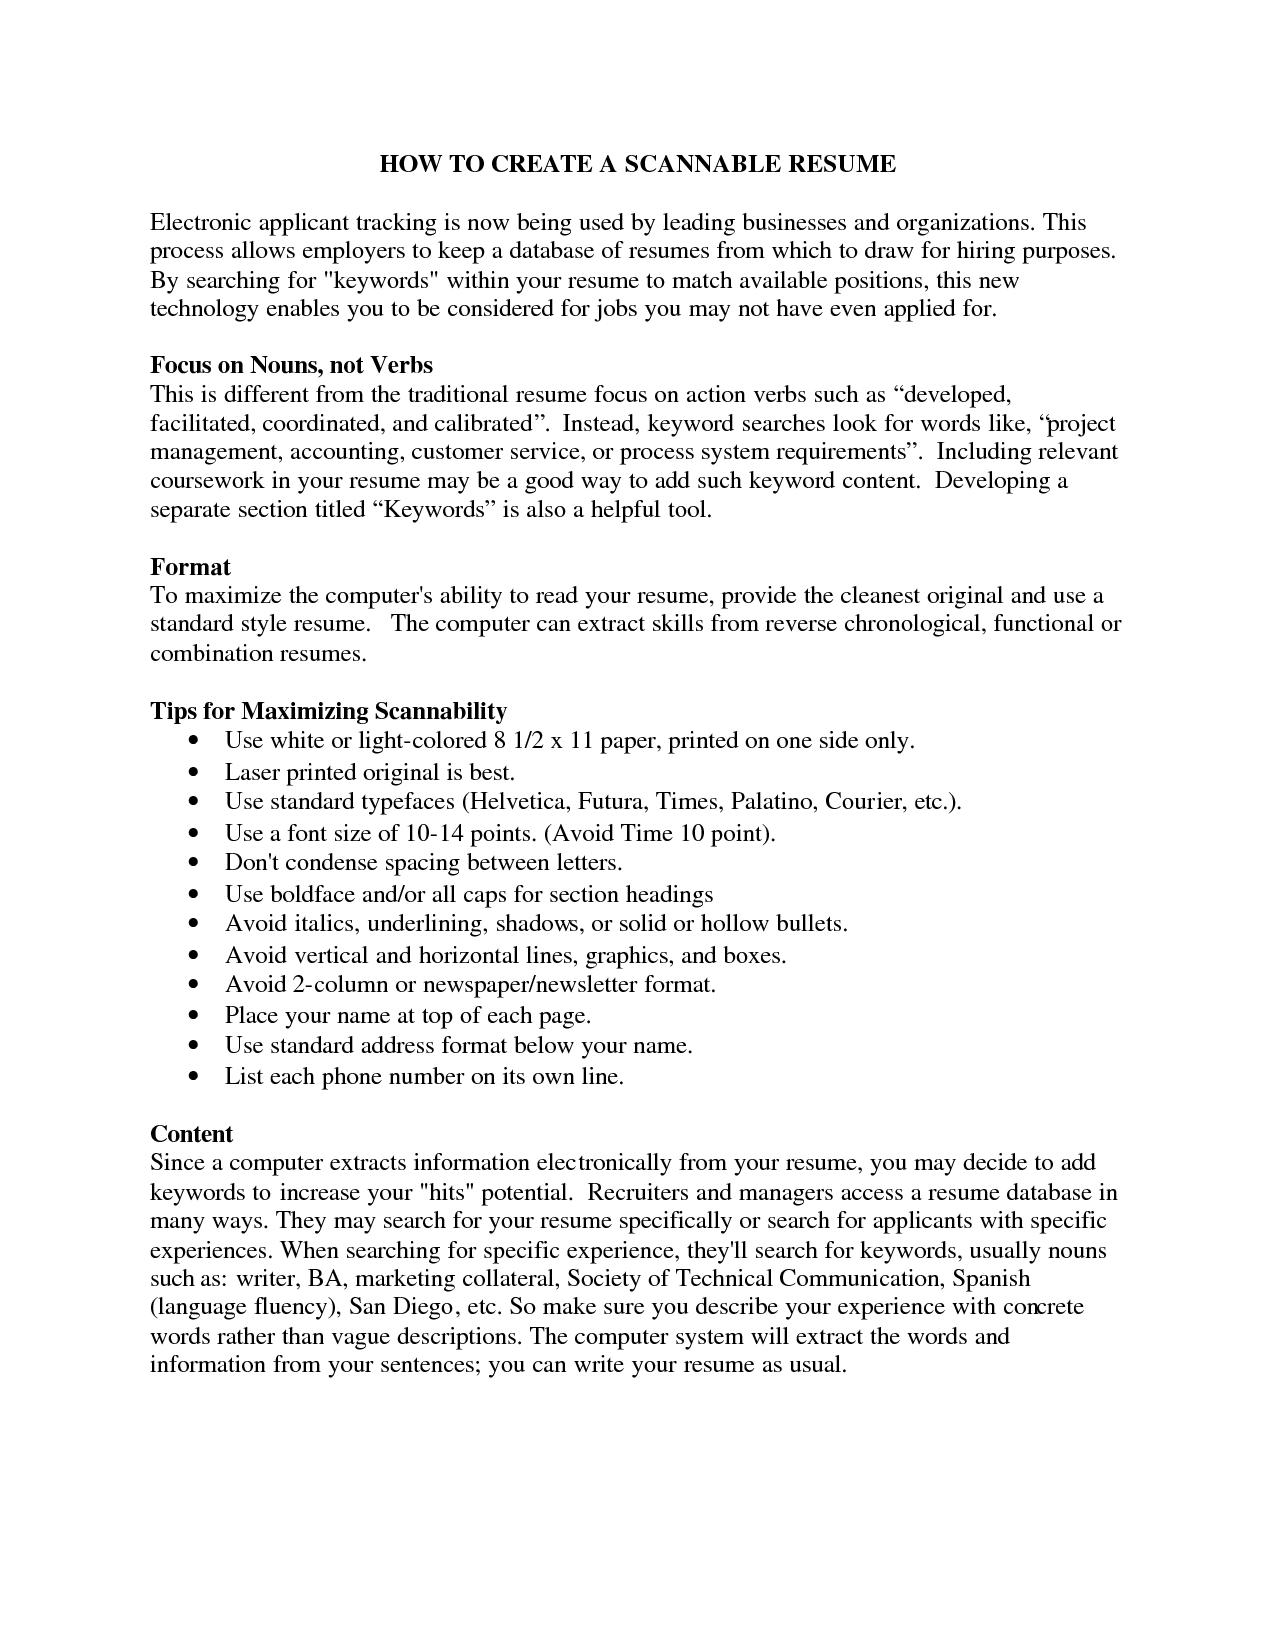 Resume Key Words Scannable Resume Keywords  Httpwwwresumecareerscannable